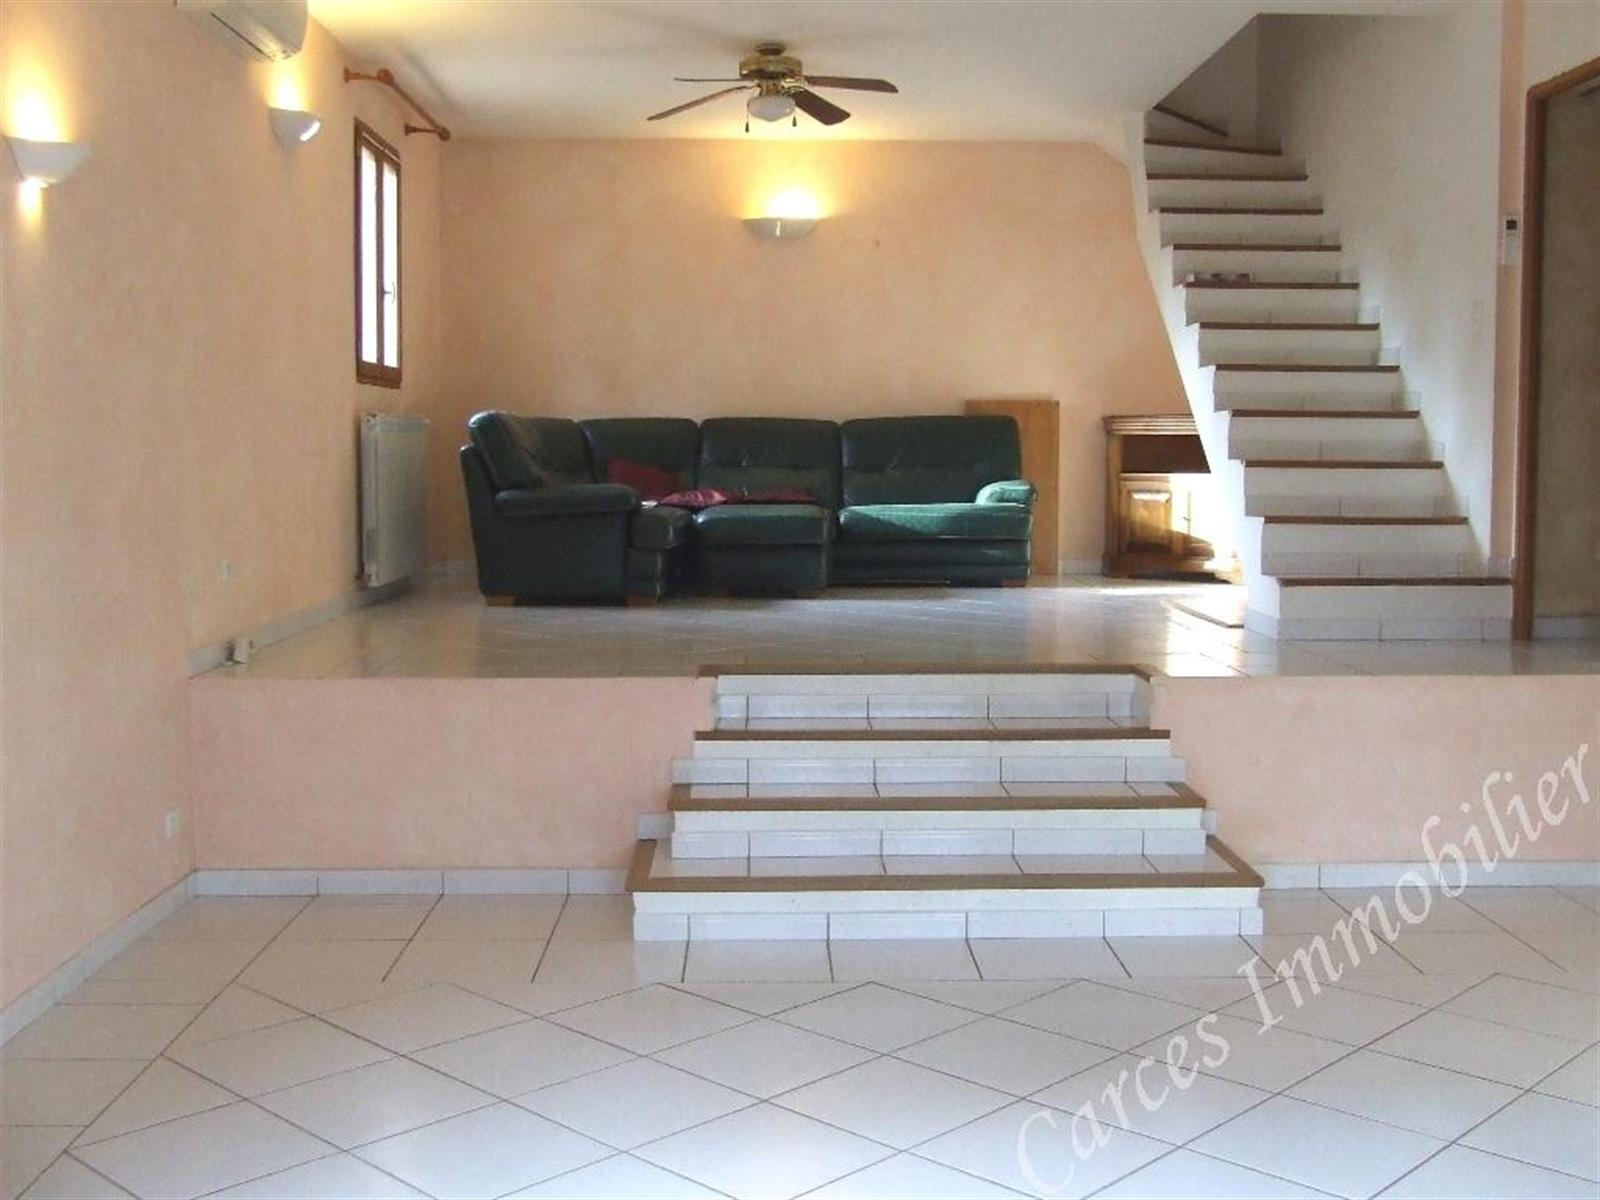 Maison de vacances - Cotignac - #4184431-6